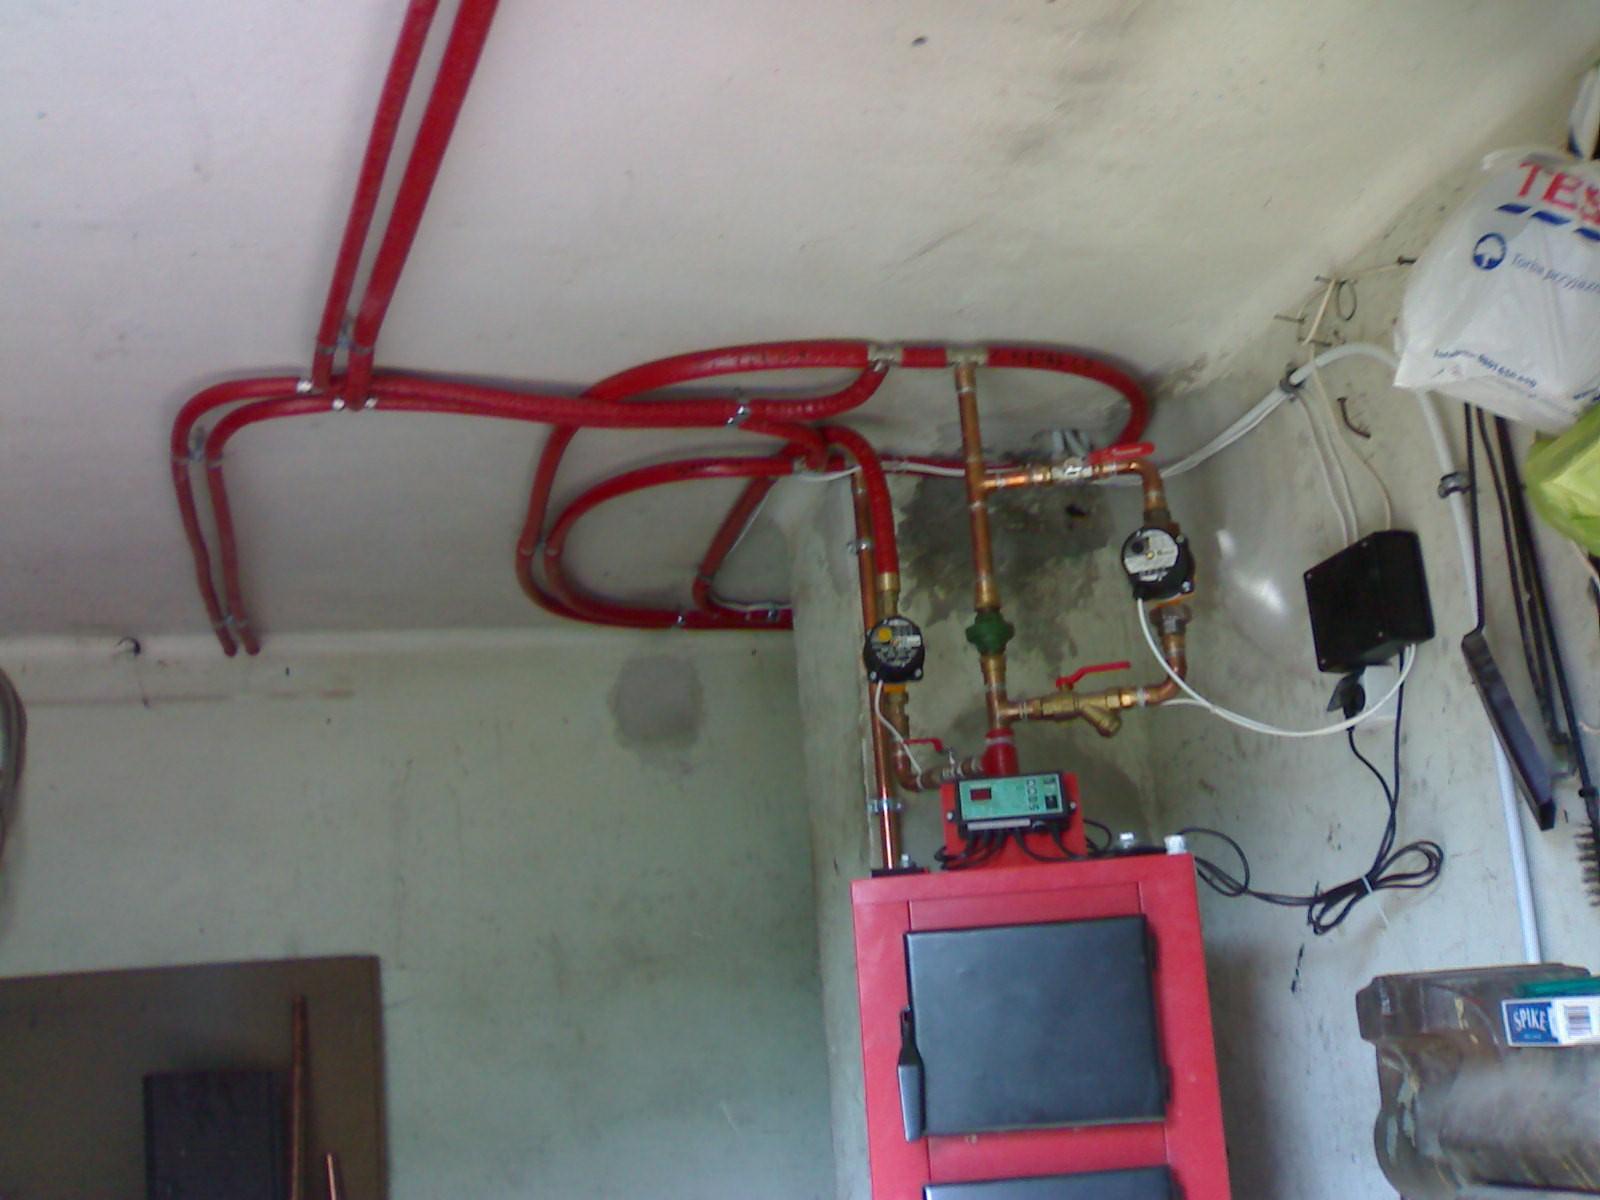 Poważnie Podłączenie bojlera do istniejącej instalacji CO - elektroda.pl RL52